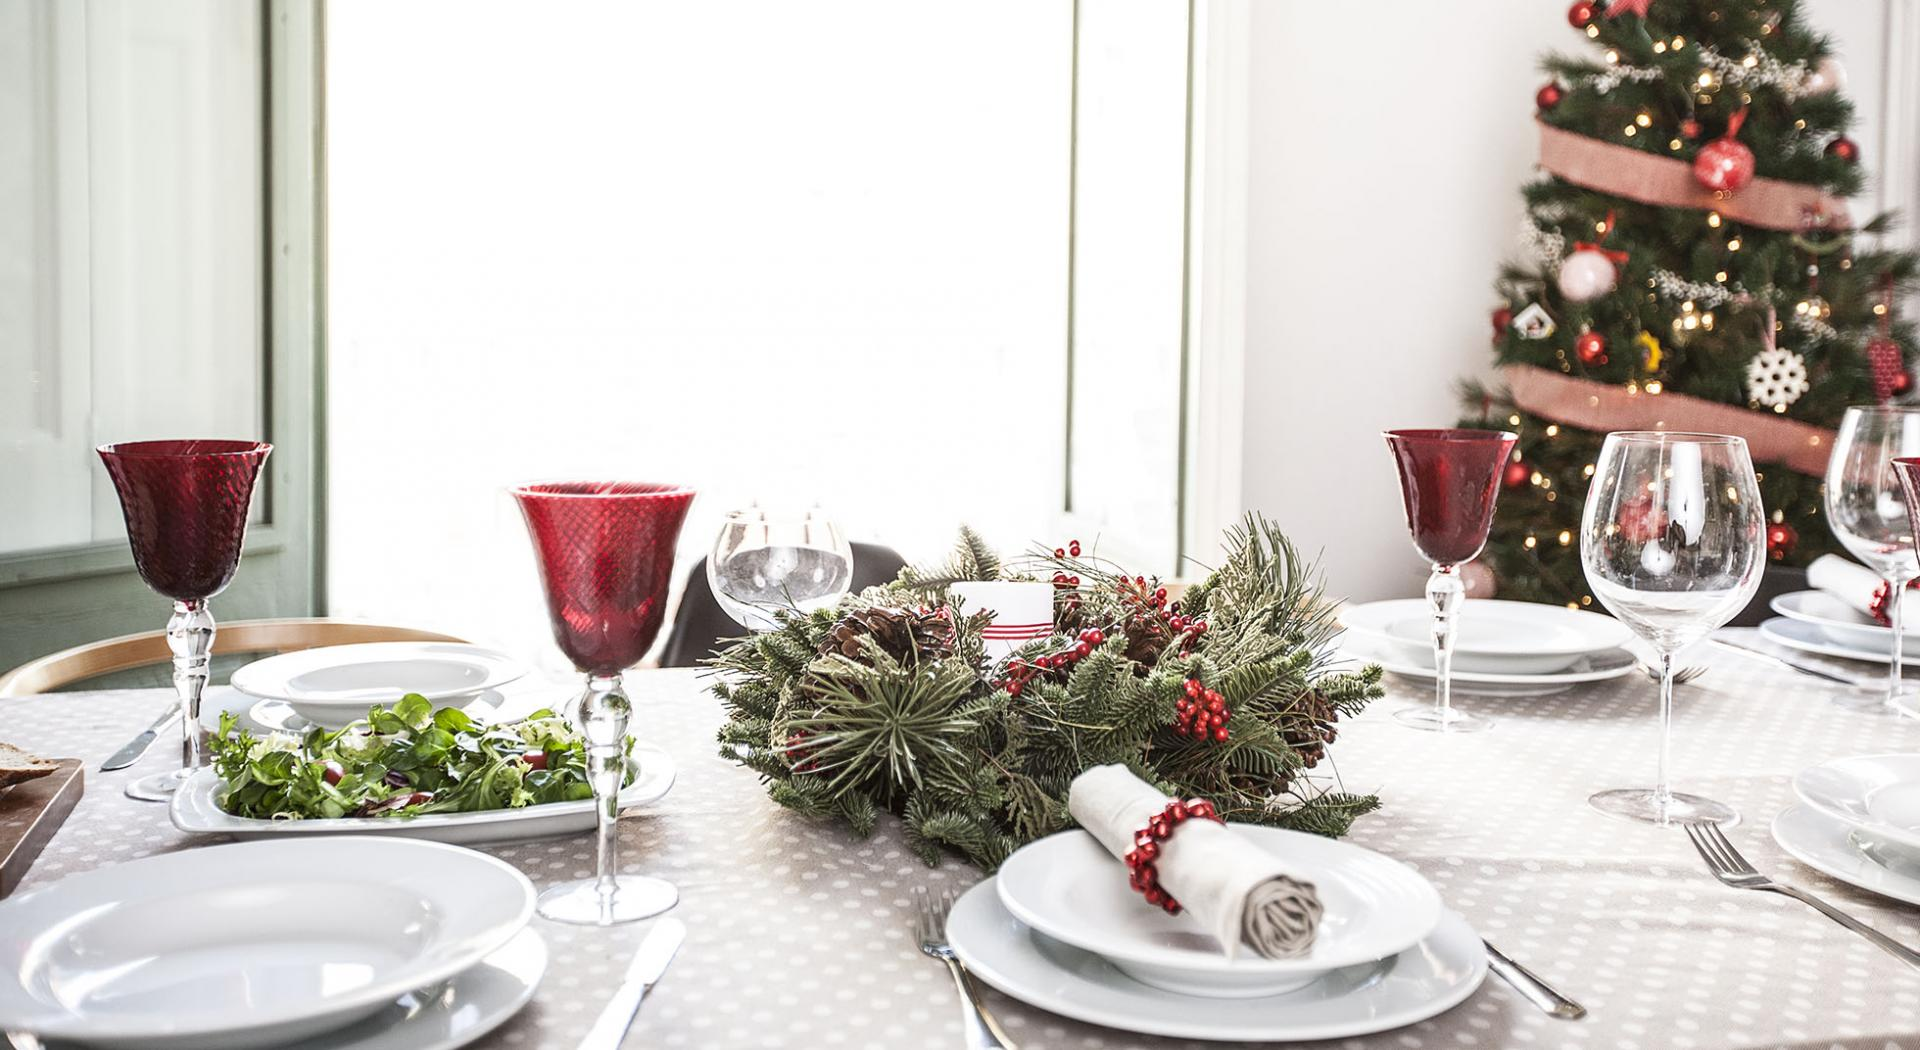 Arredare Tavola Natale come apparecchiare la tavola di natale tradizionale   aia food